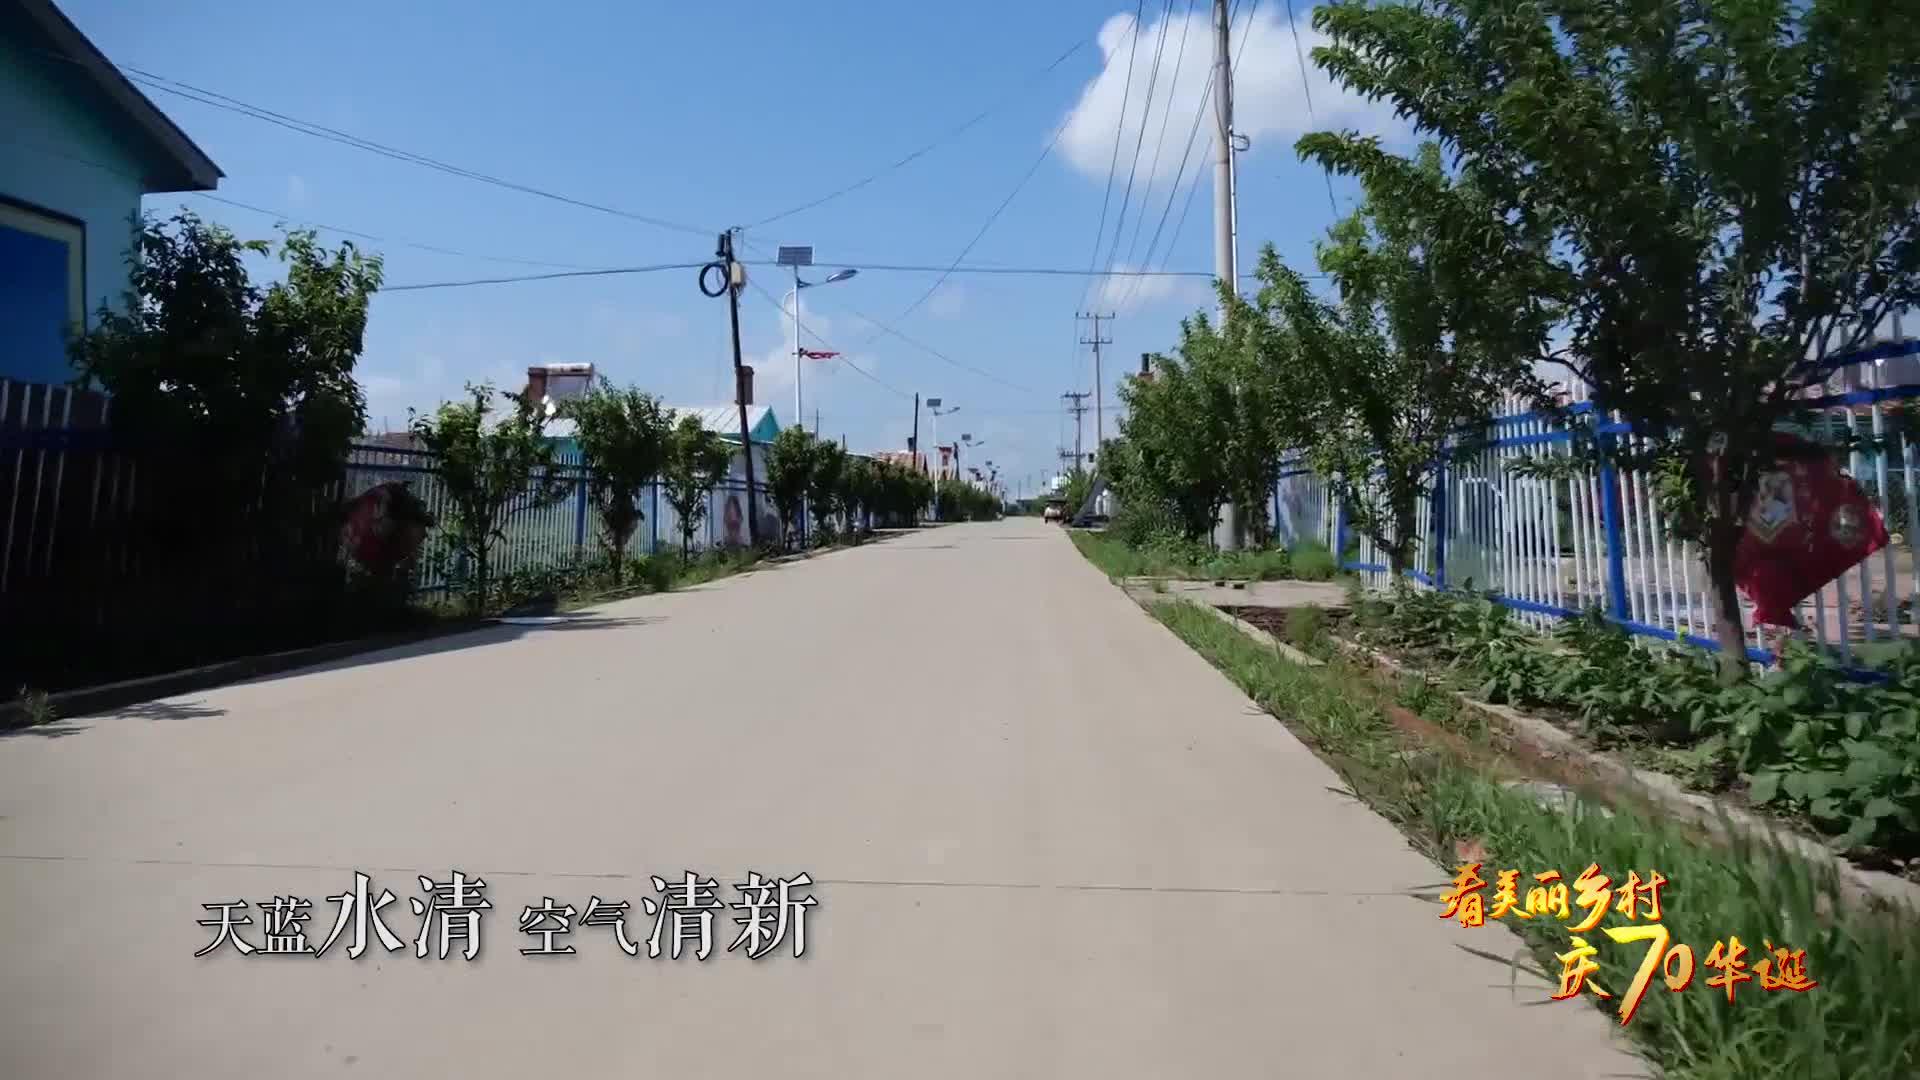 黑龙江省哈尔滨市方正县会发镇和平村瓦房屯